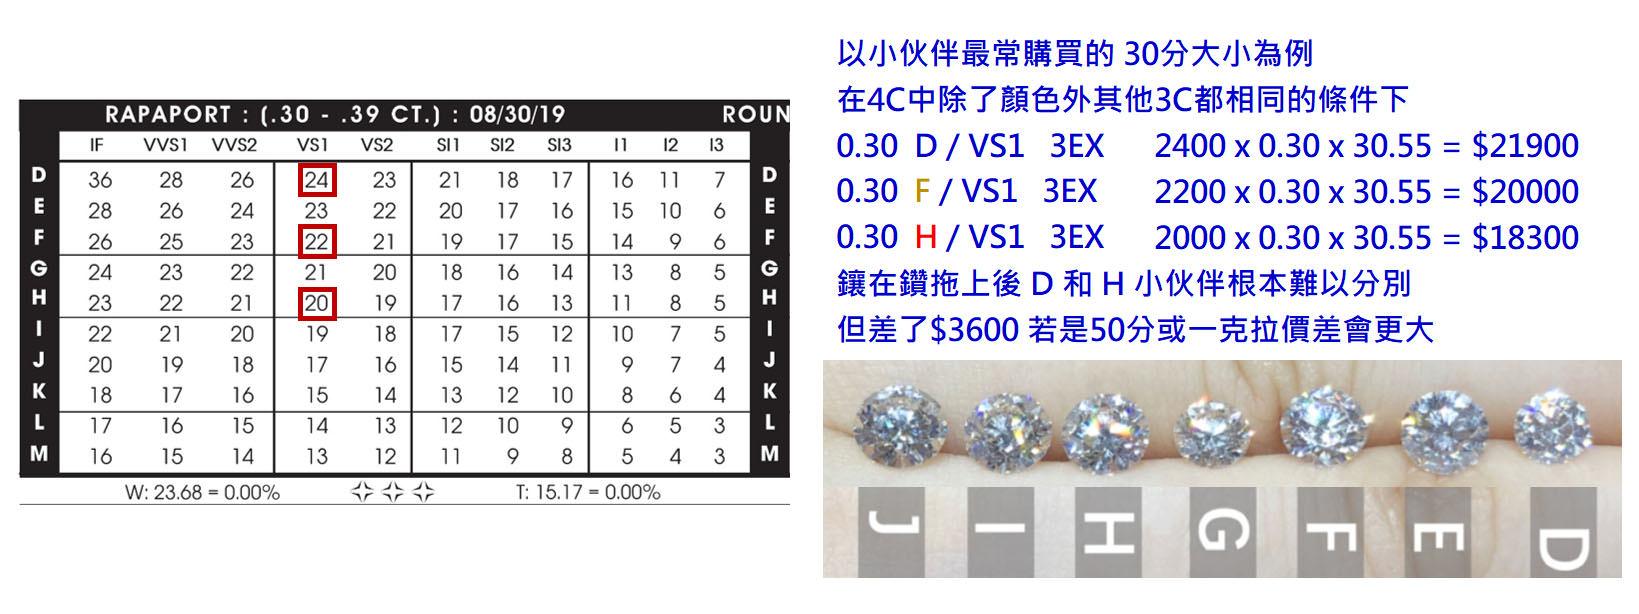 鑽石顏色等級價格差距